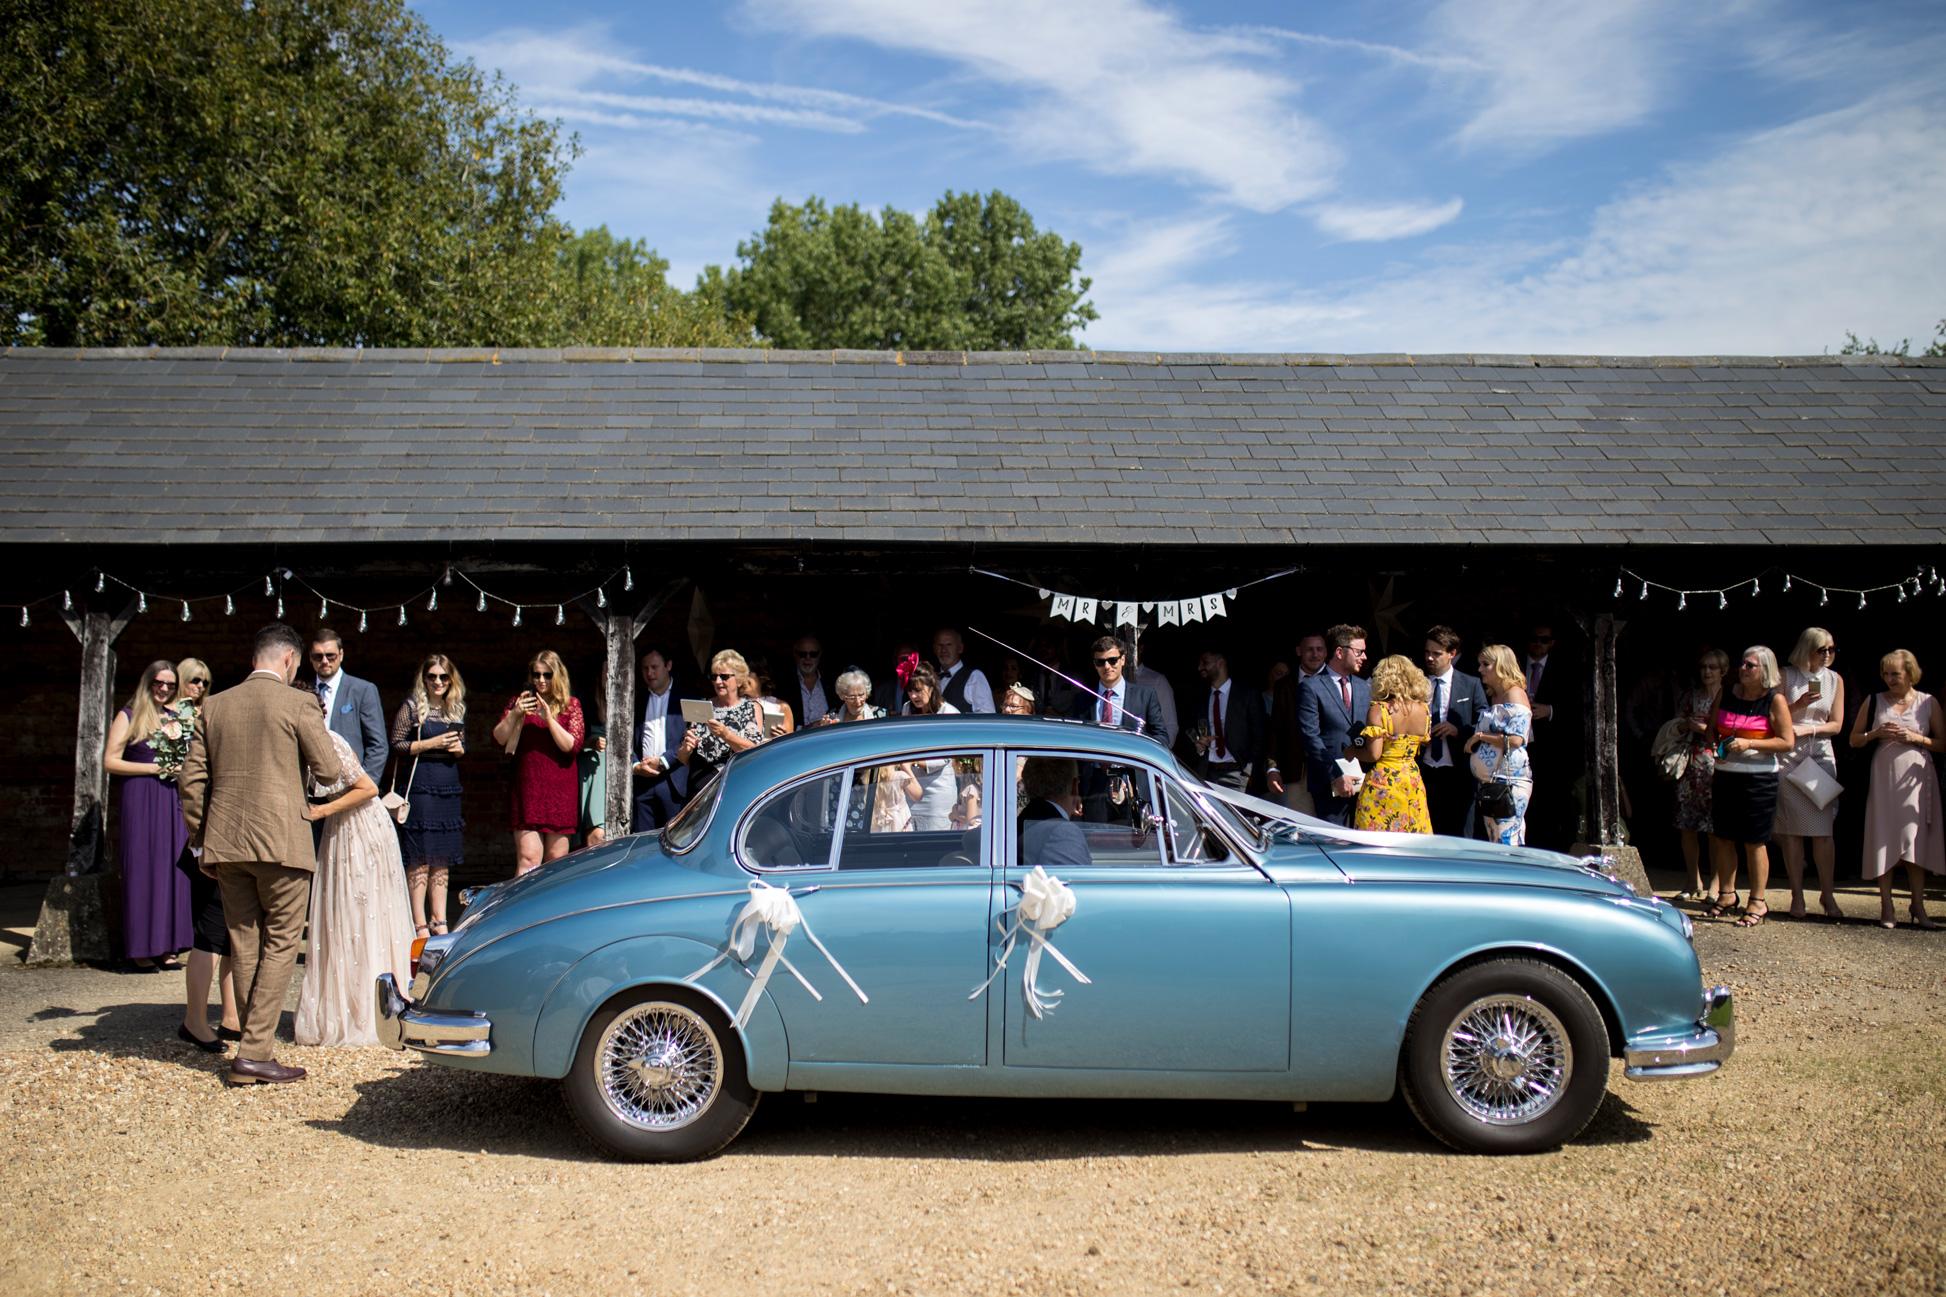 Wedding Car, Vintage Car, Wedding Reception, Crook Barn,